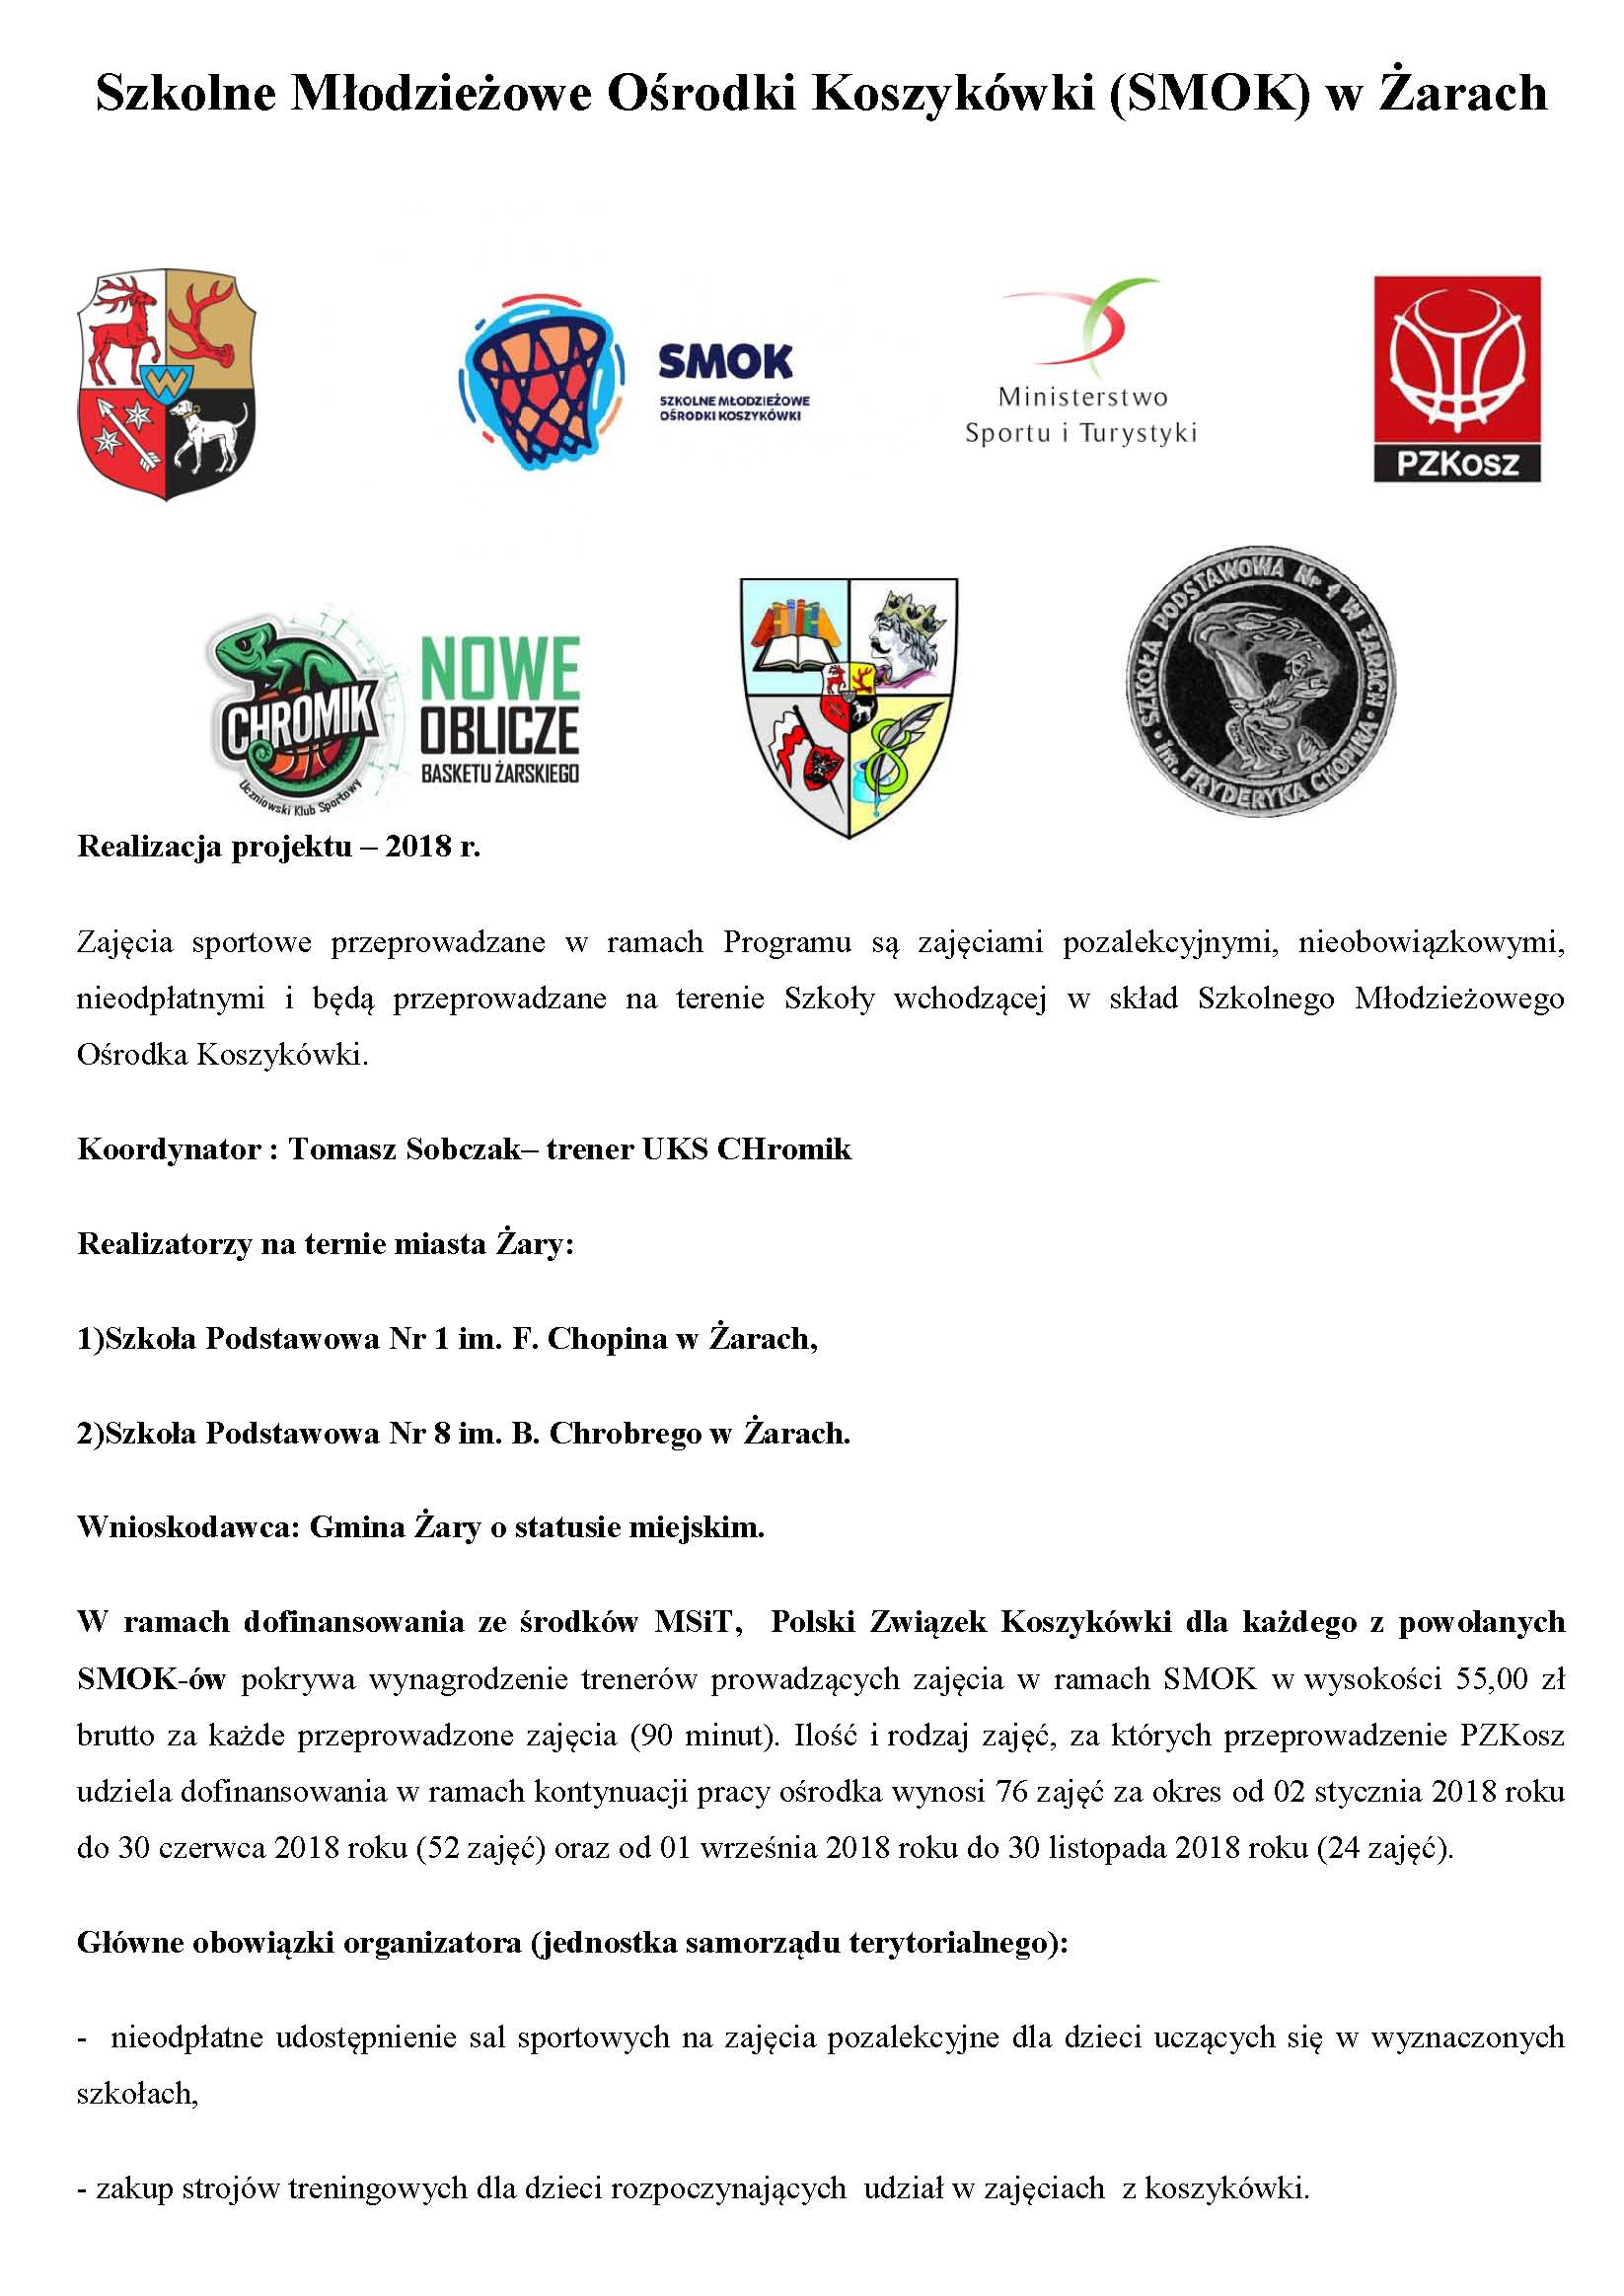 Ilustracja do informacji: Szkolne Młodzieżowe Ośrodki Koszykówki (SMOK) w Żarach